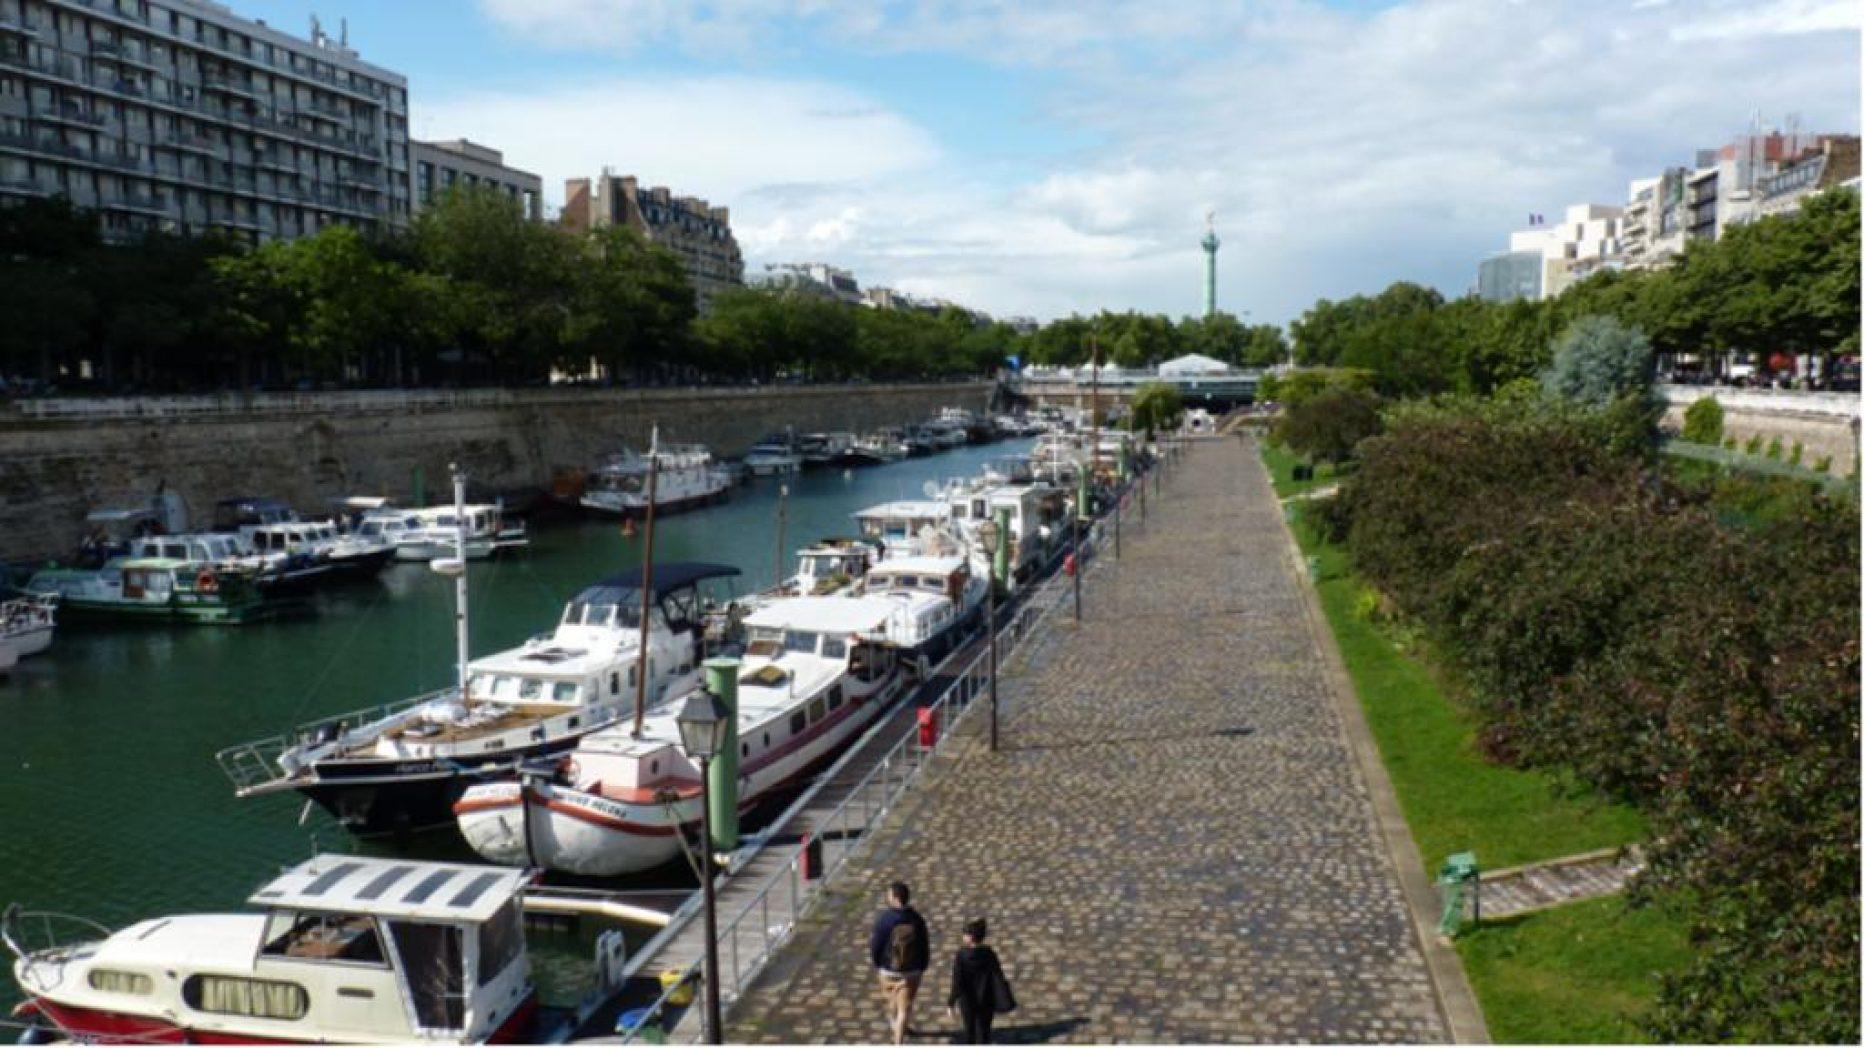 Jardin du port de l 39 arsenal paris en m tro - Port de l arsenal paris ...